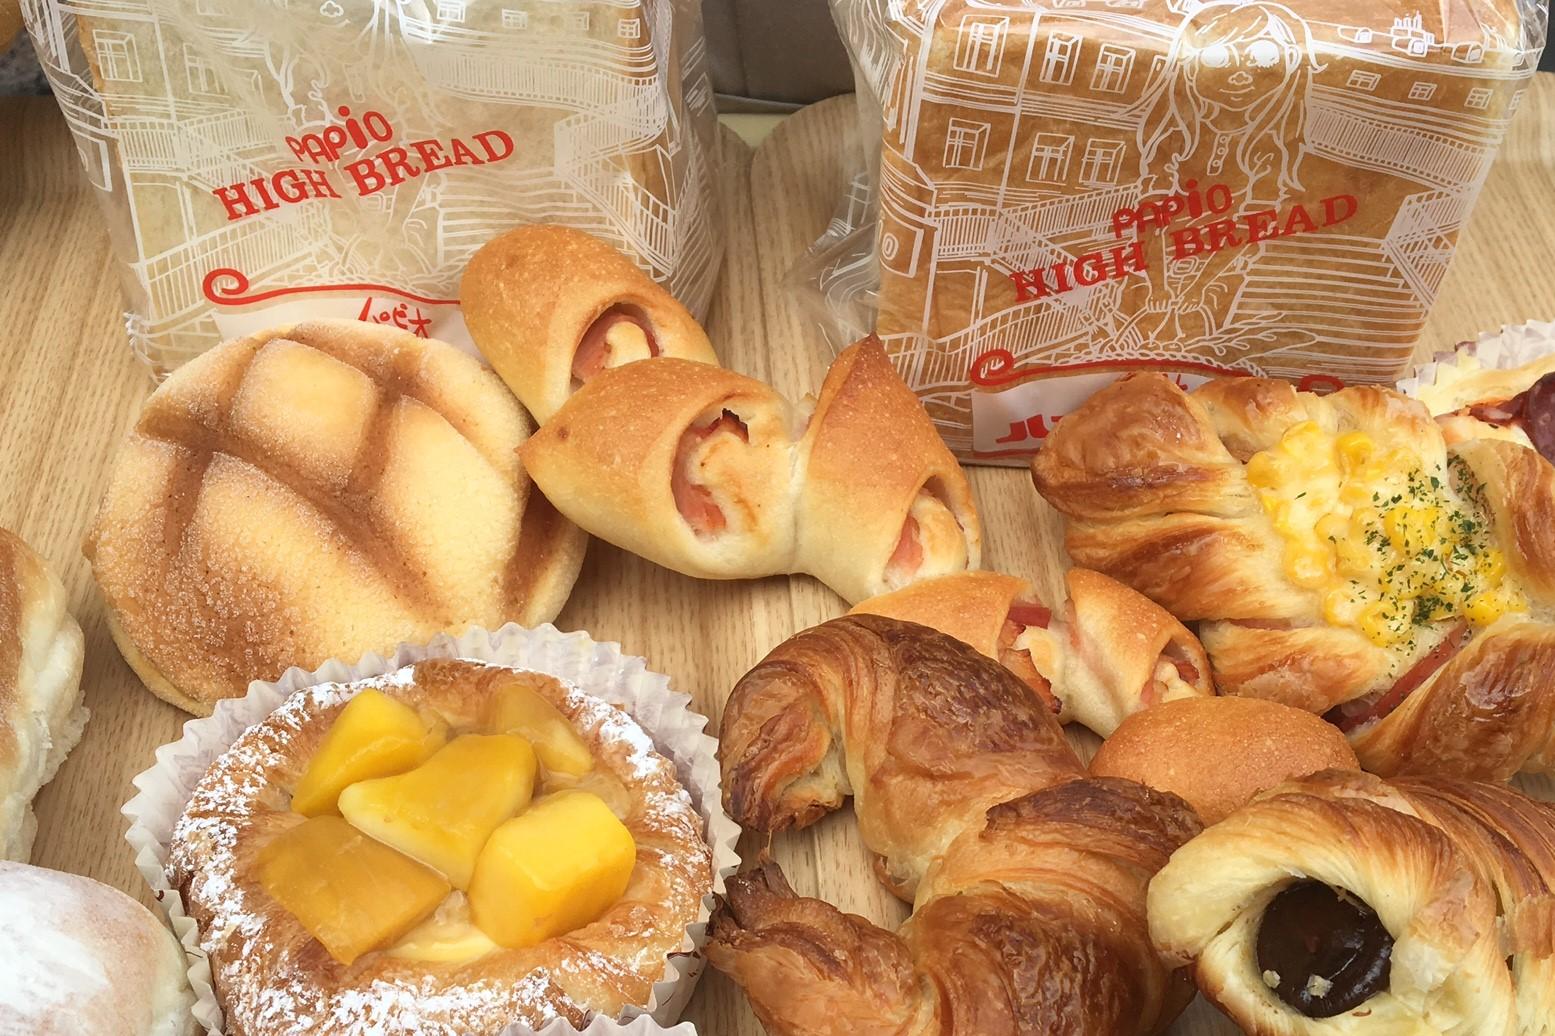 2020 お得なパン詰め合わせセット パピオ 手作りパン 送料無料 冷凍 食パン 詰め合わせ お得なキャンペーンを実施中 デニッシュ お得セット 菓子パン こだわり食パン 惣菜パン 13個入り